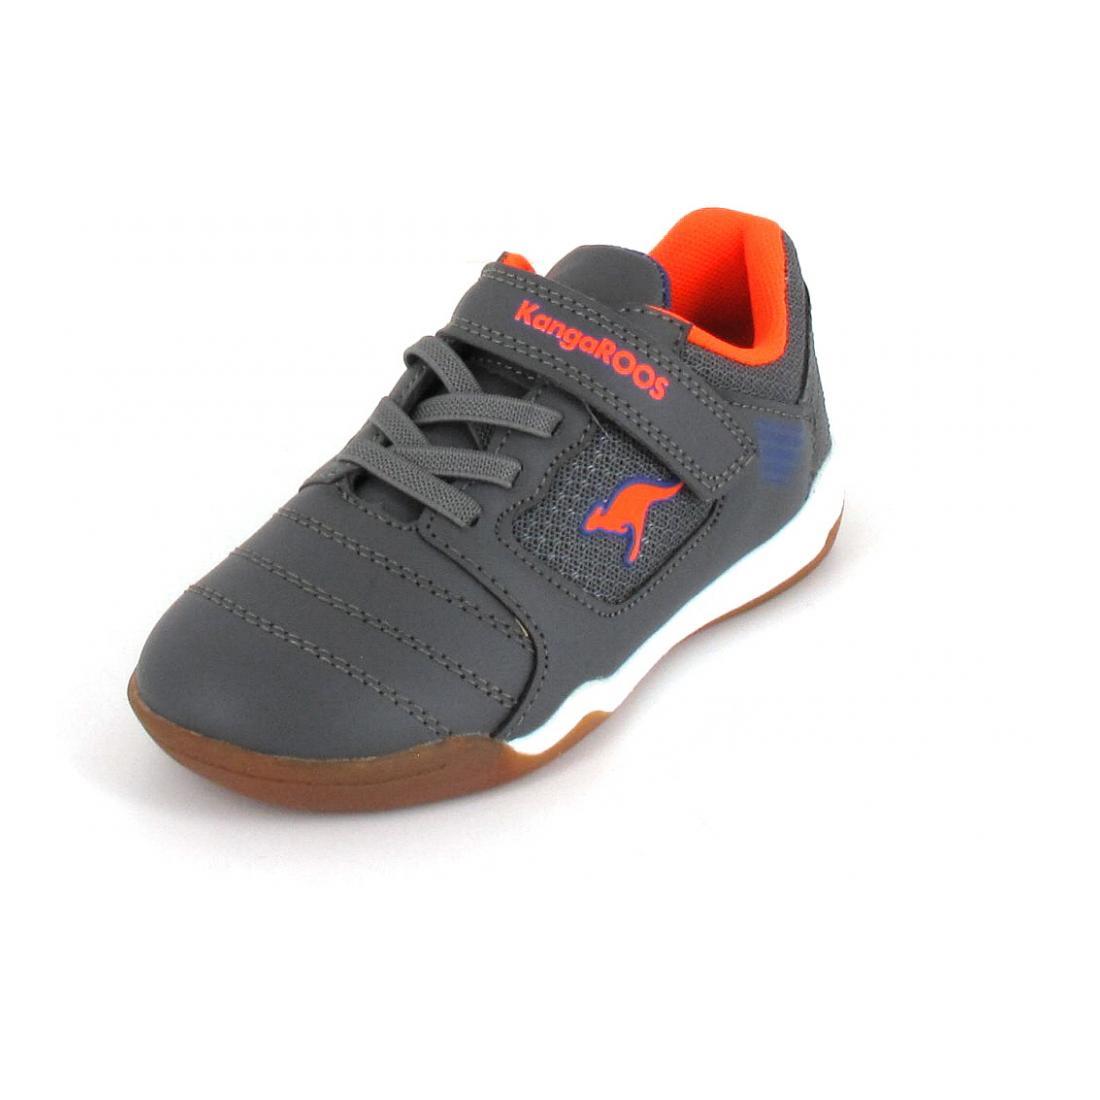 KangaRoos Sneaker Miyard EV